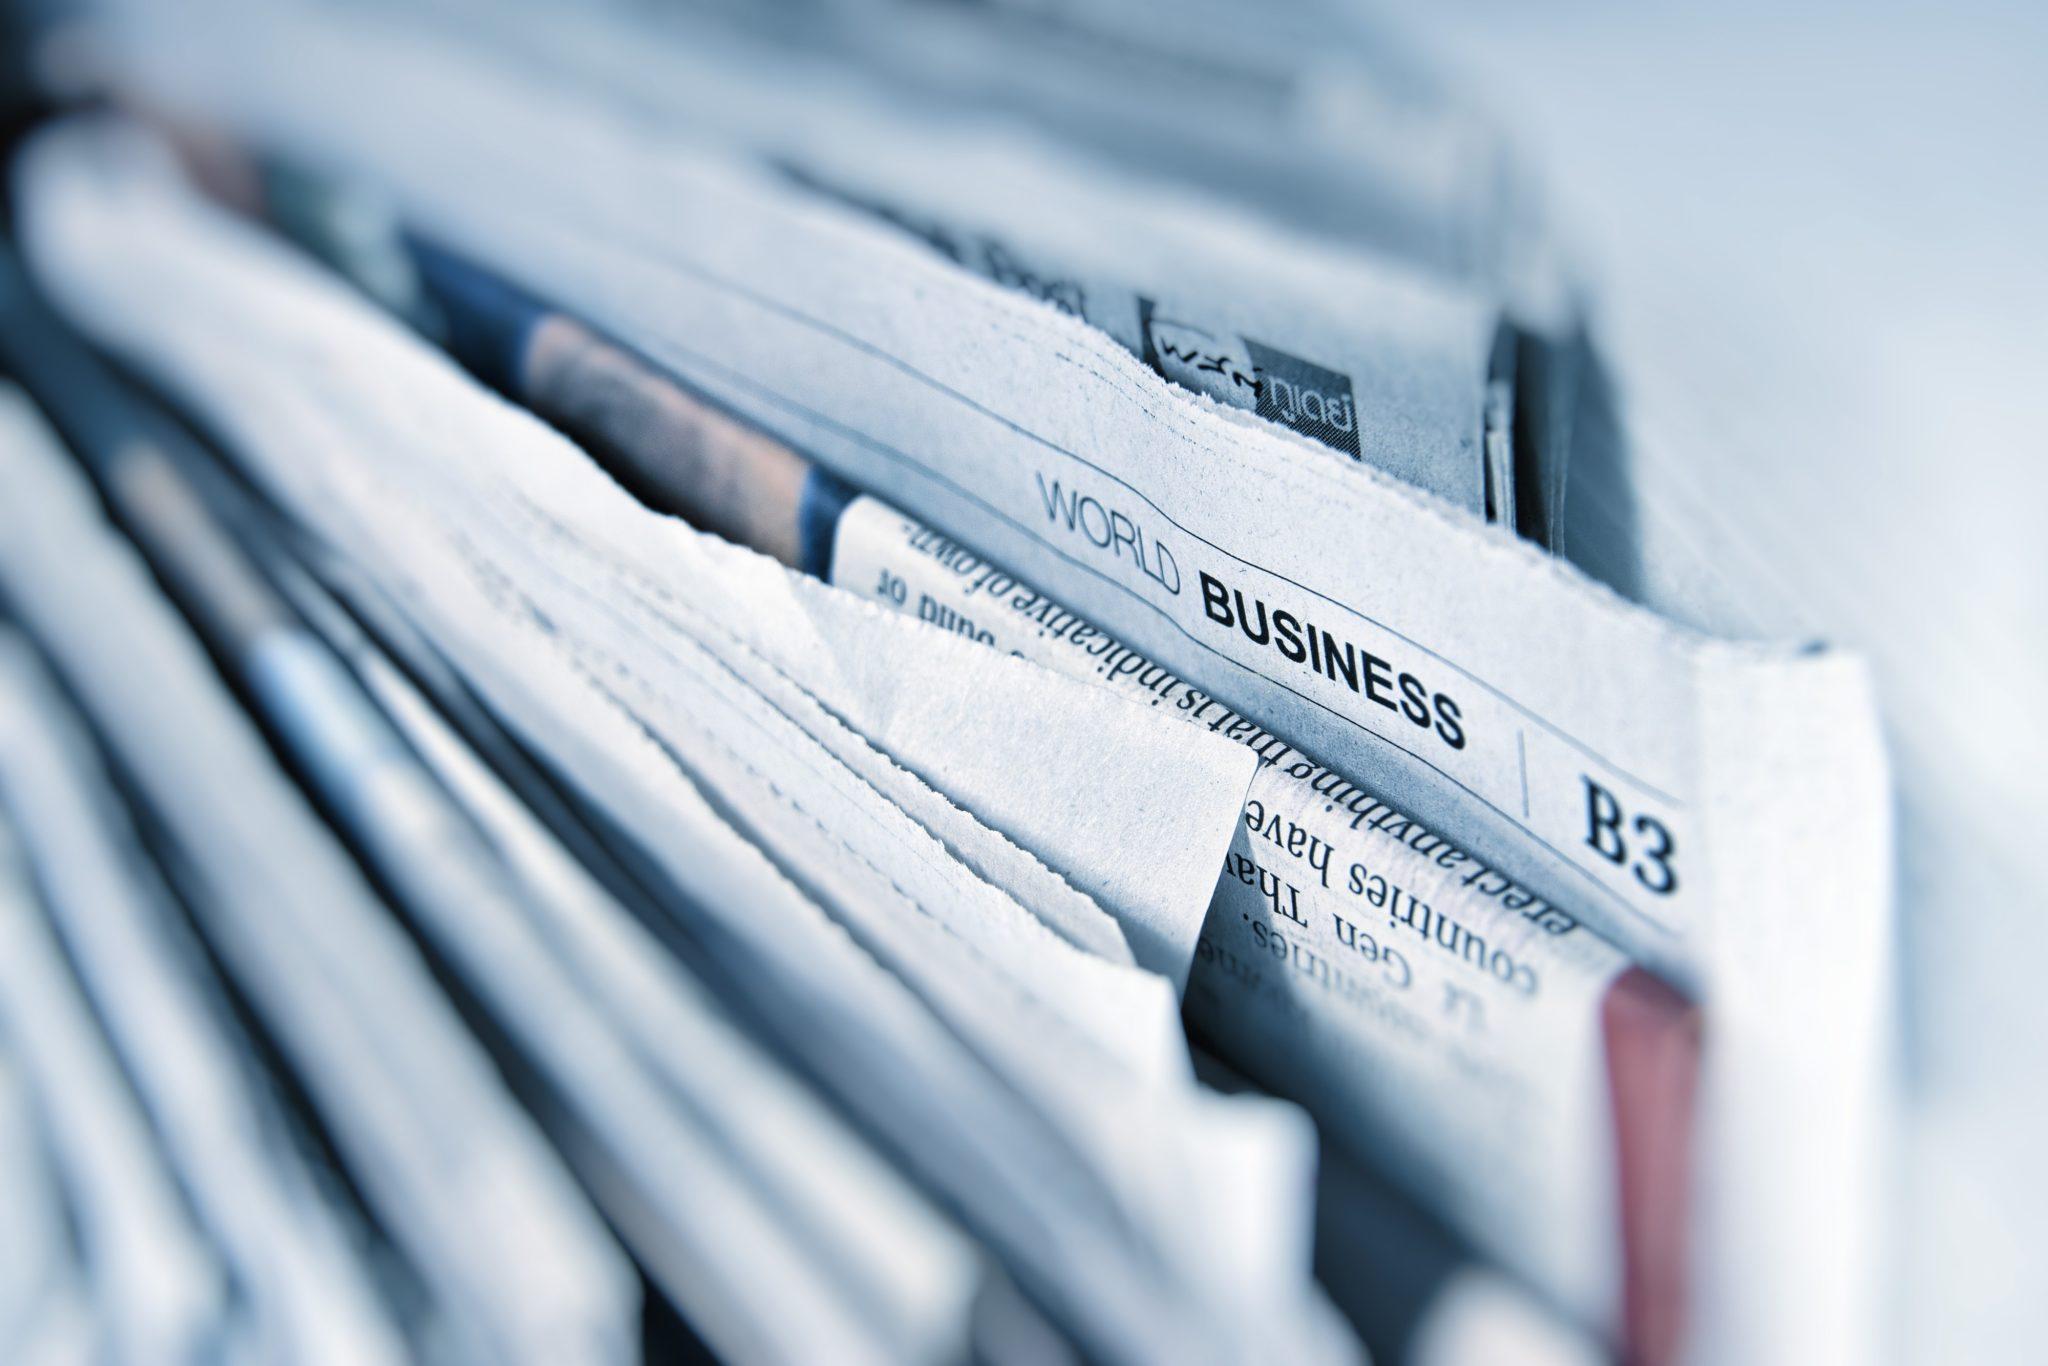 ferring-press-release